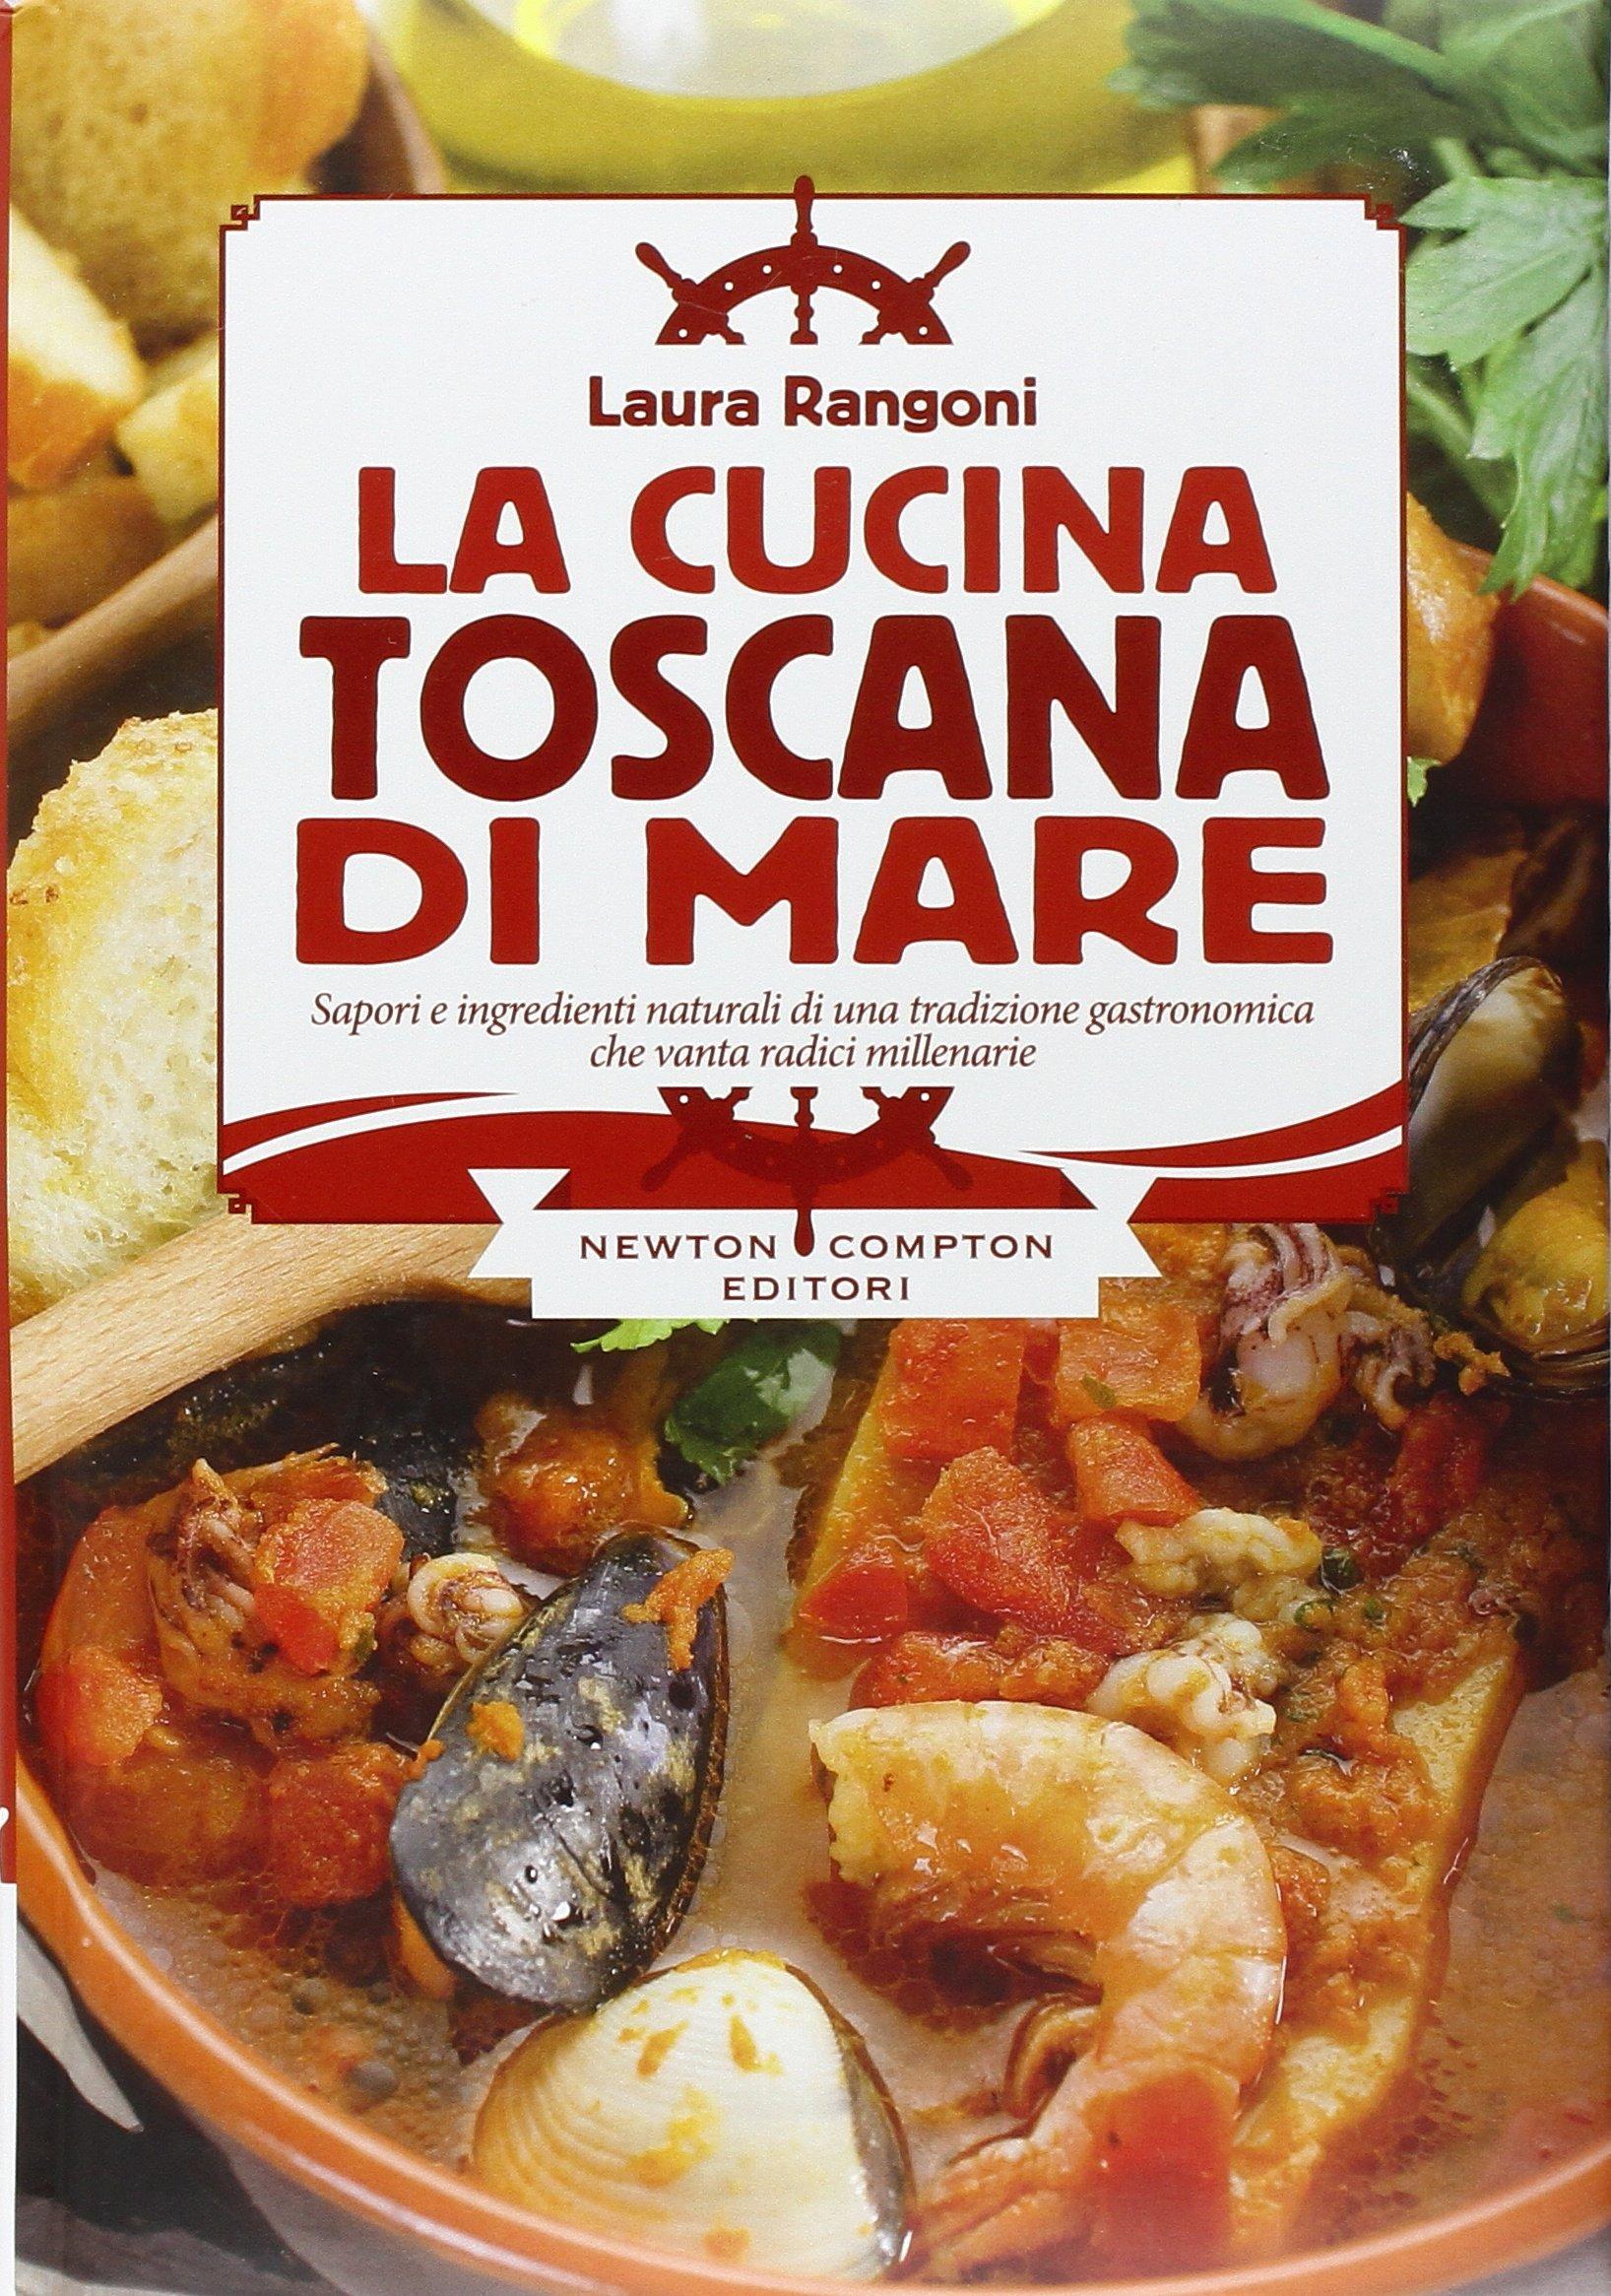 Amazon.it: La cucina toscana di mare - Laura Rangoni - Libri